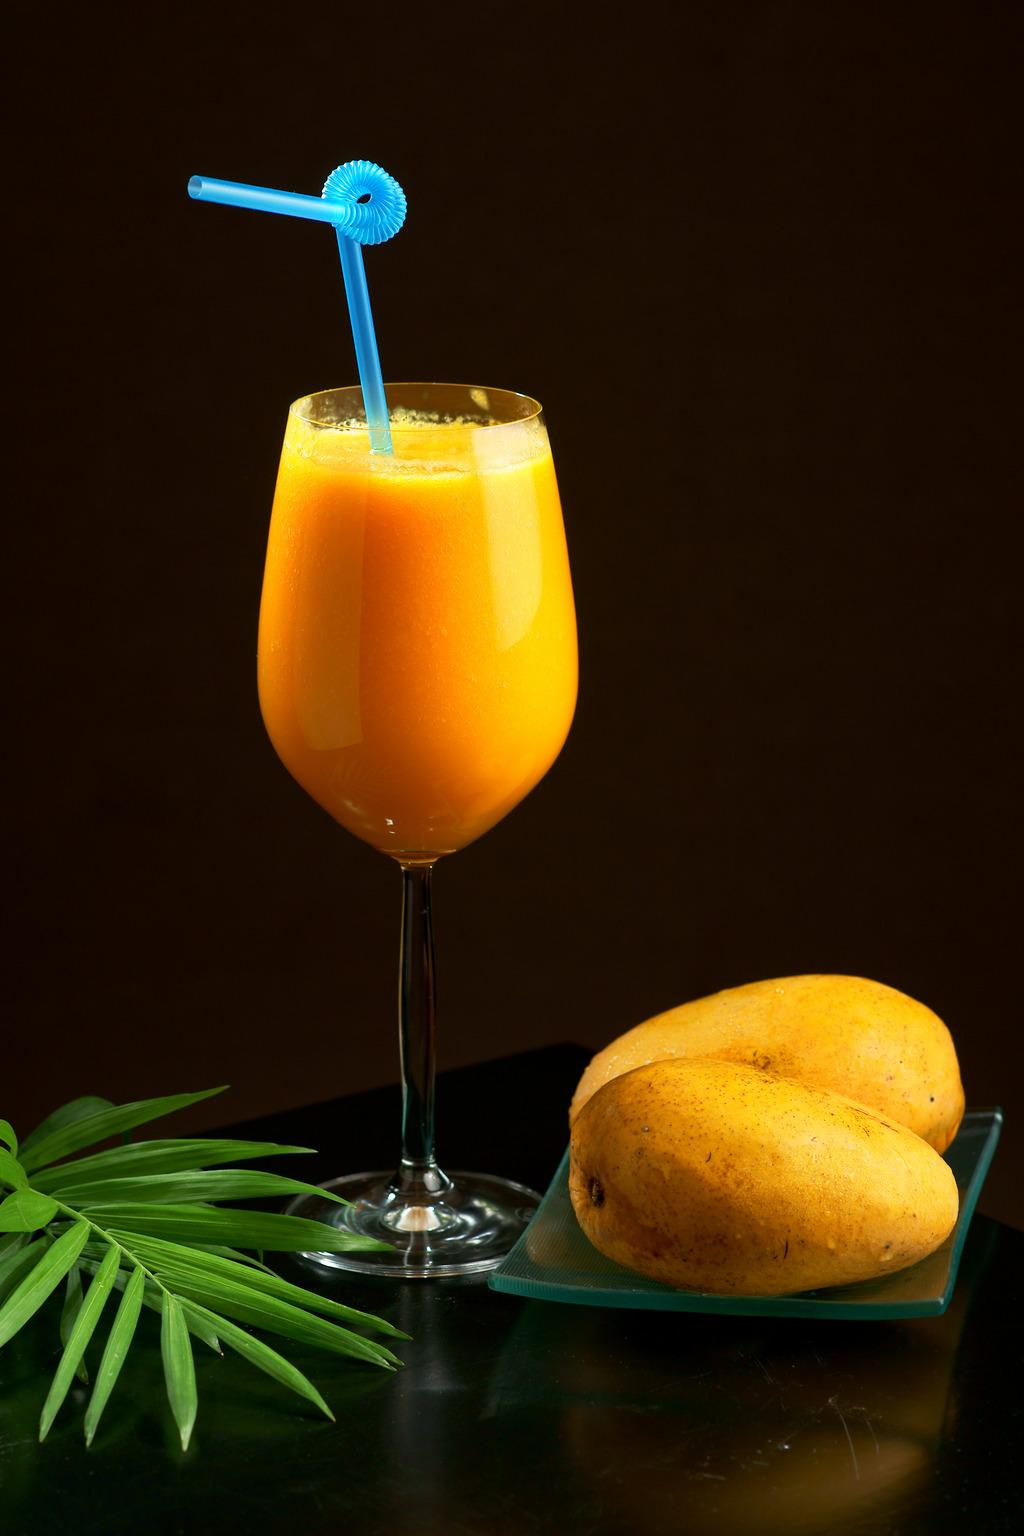 果汁饮料图片鲜榨芒果汁4